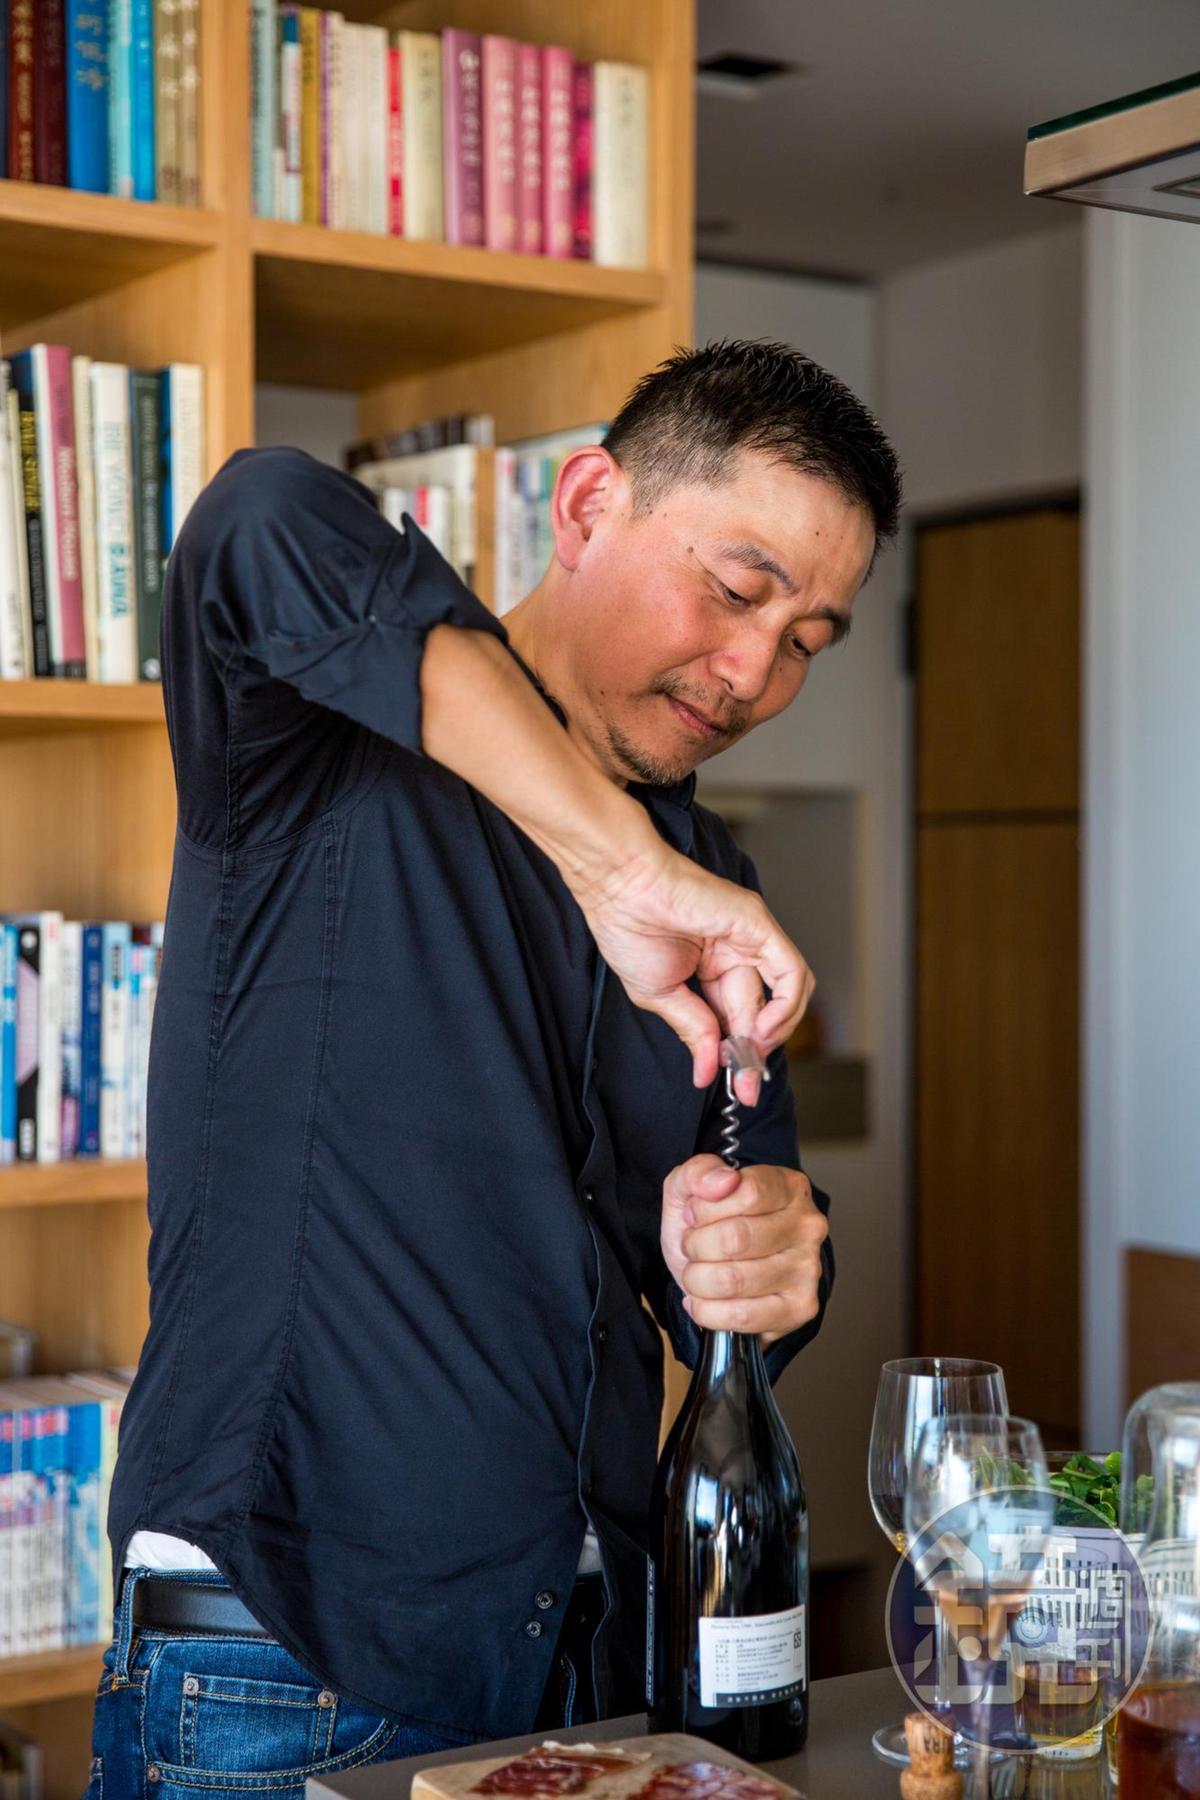 葡萄酒專家林裕森認為,在日常餐桌上喝的的葡萄酒毋須追求波瀾壯闊,價格和滋味都平實的酒才正好呼應悠然生活。